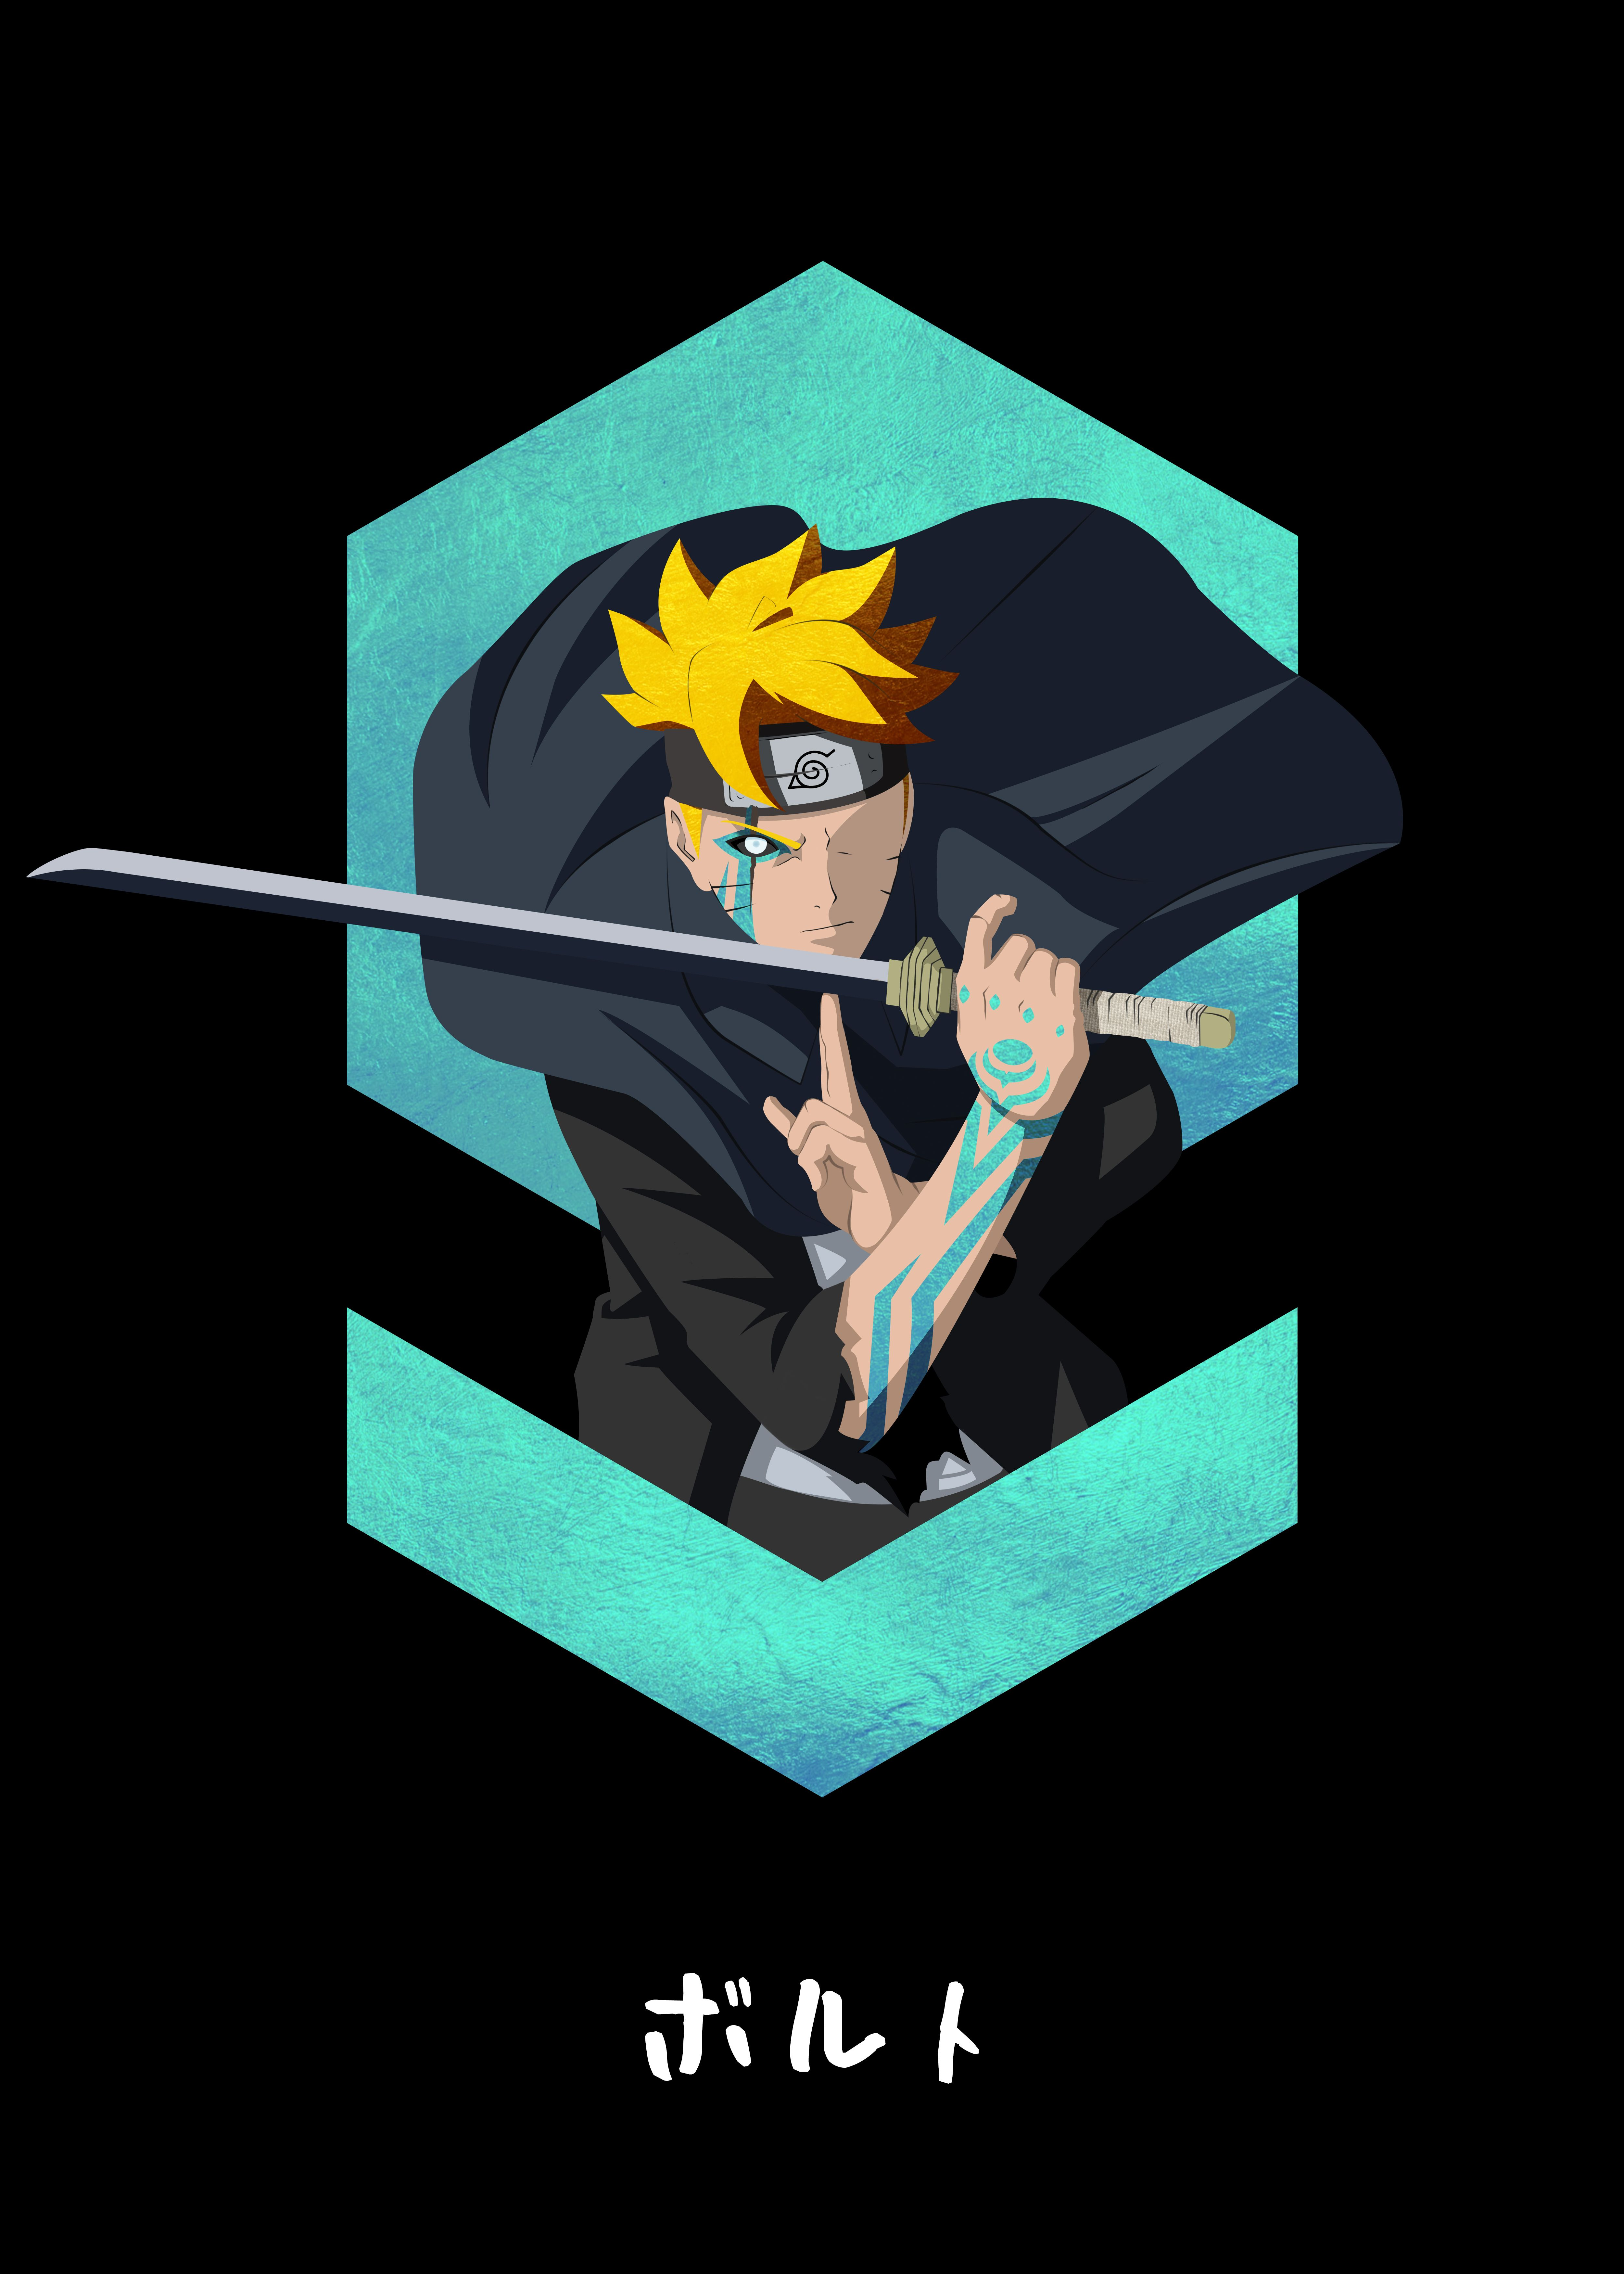 Boruto New Generations Boruto Naruto Anime Sasuke Narutoshippuden Manga Otaku Onepiece Itachi Uc Naruto E Sasuke Desenho Sasuke Naruto E Sasuke